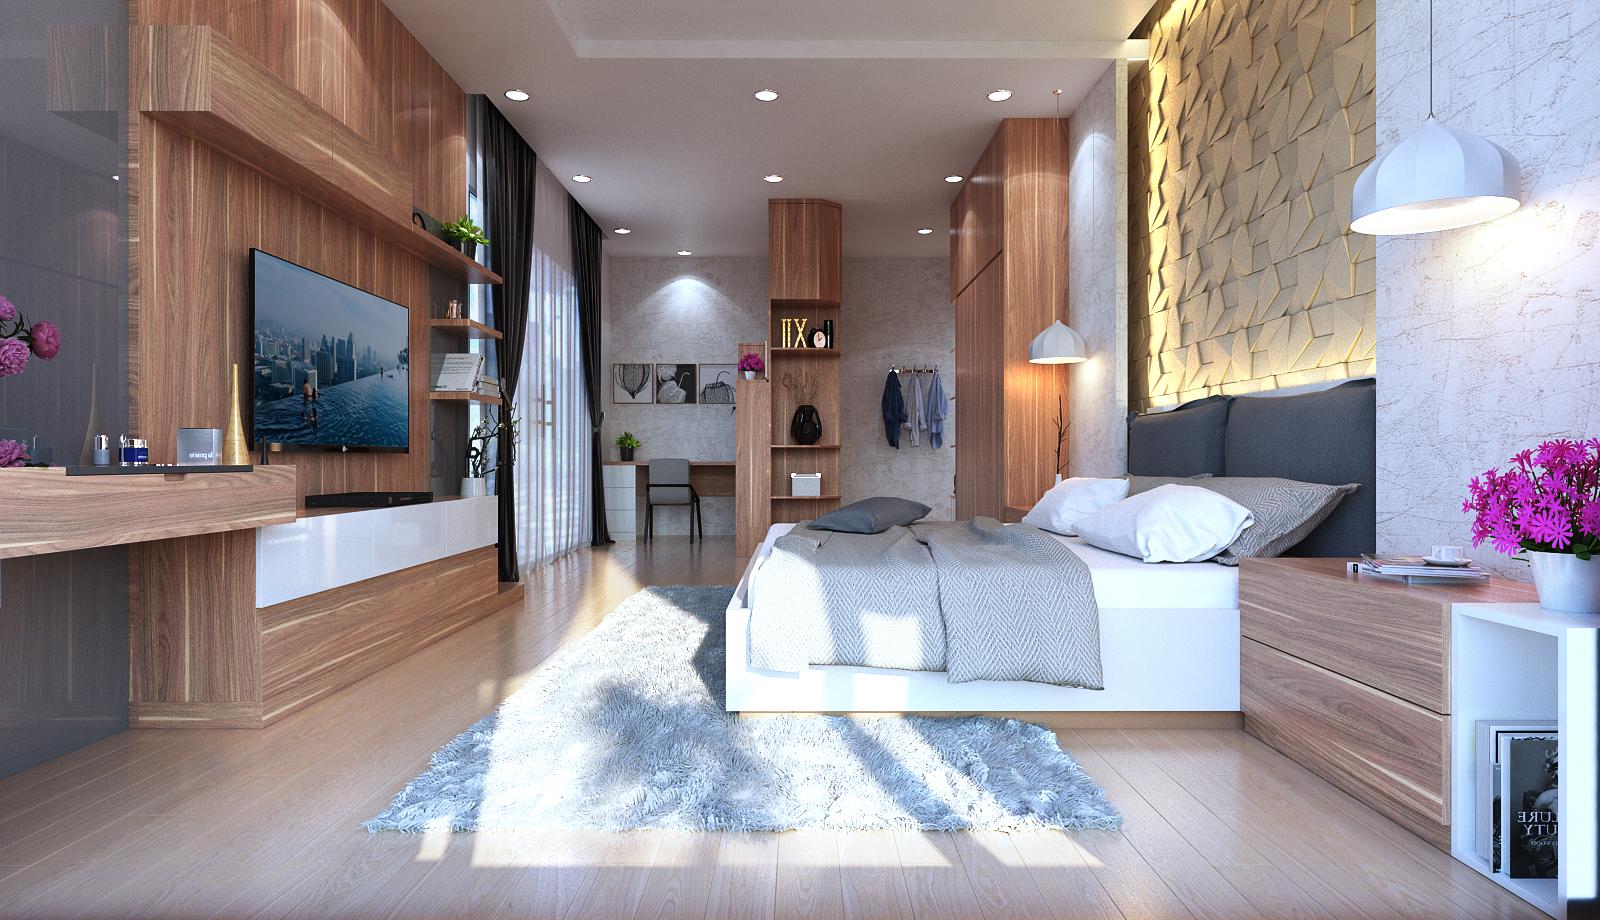 Thiết kế nội thất phòng ngủ độc đáo, mới lạ